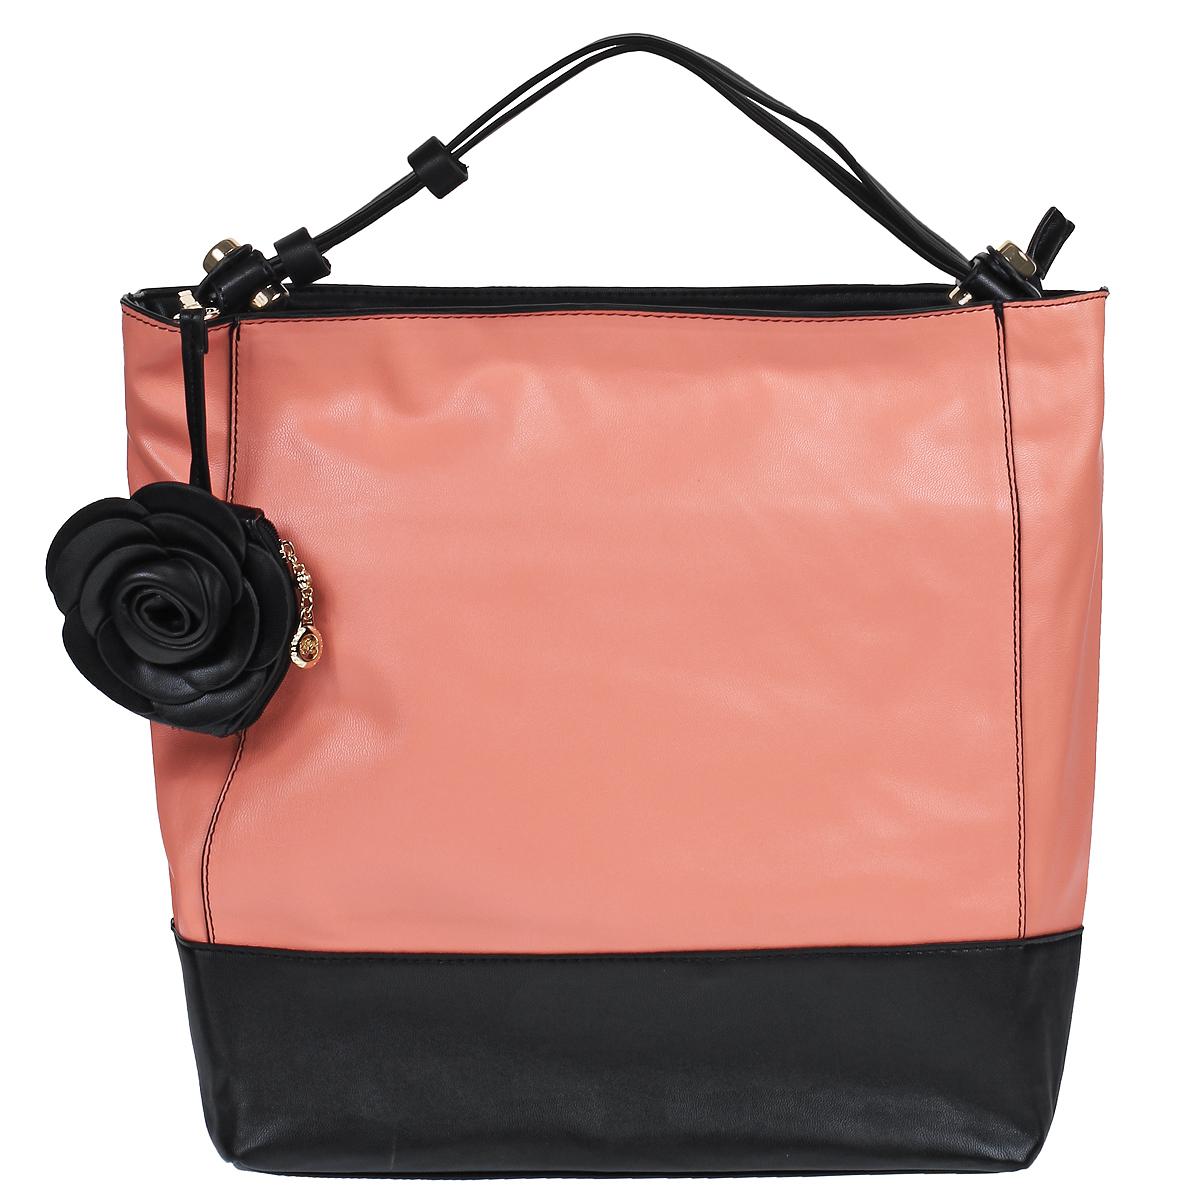 Сумка женская Leighton, цвет: розовый, черный. 76553-58776553-587/822/587/101 розСтильная сумка Leighton выполнена из искусственной кожи с гладкой поверхностью. Сумка имеет одно вместительное отделение, закрывающееся на застежку-молнию. Внутри - смежный карман на молнии, вшитый карман на молнии и два накладных кармана для мелочей. С внешней стороны на задней стенке расположен вшитый карман на молнии. Сумка оснащена ручкой для переноски. В комплекте чехол для хранения и миниатюрный кошелек на молнии, выполненный в виде цветка. Яркая сумочка Leighton подчеркнет вашу индивидуальность и сделает образ завершенным.